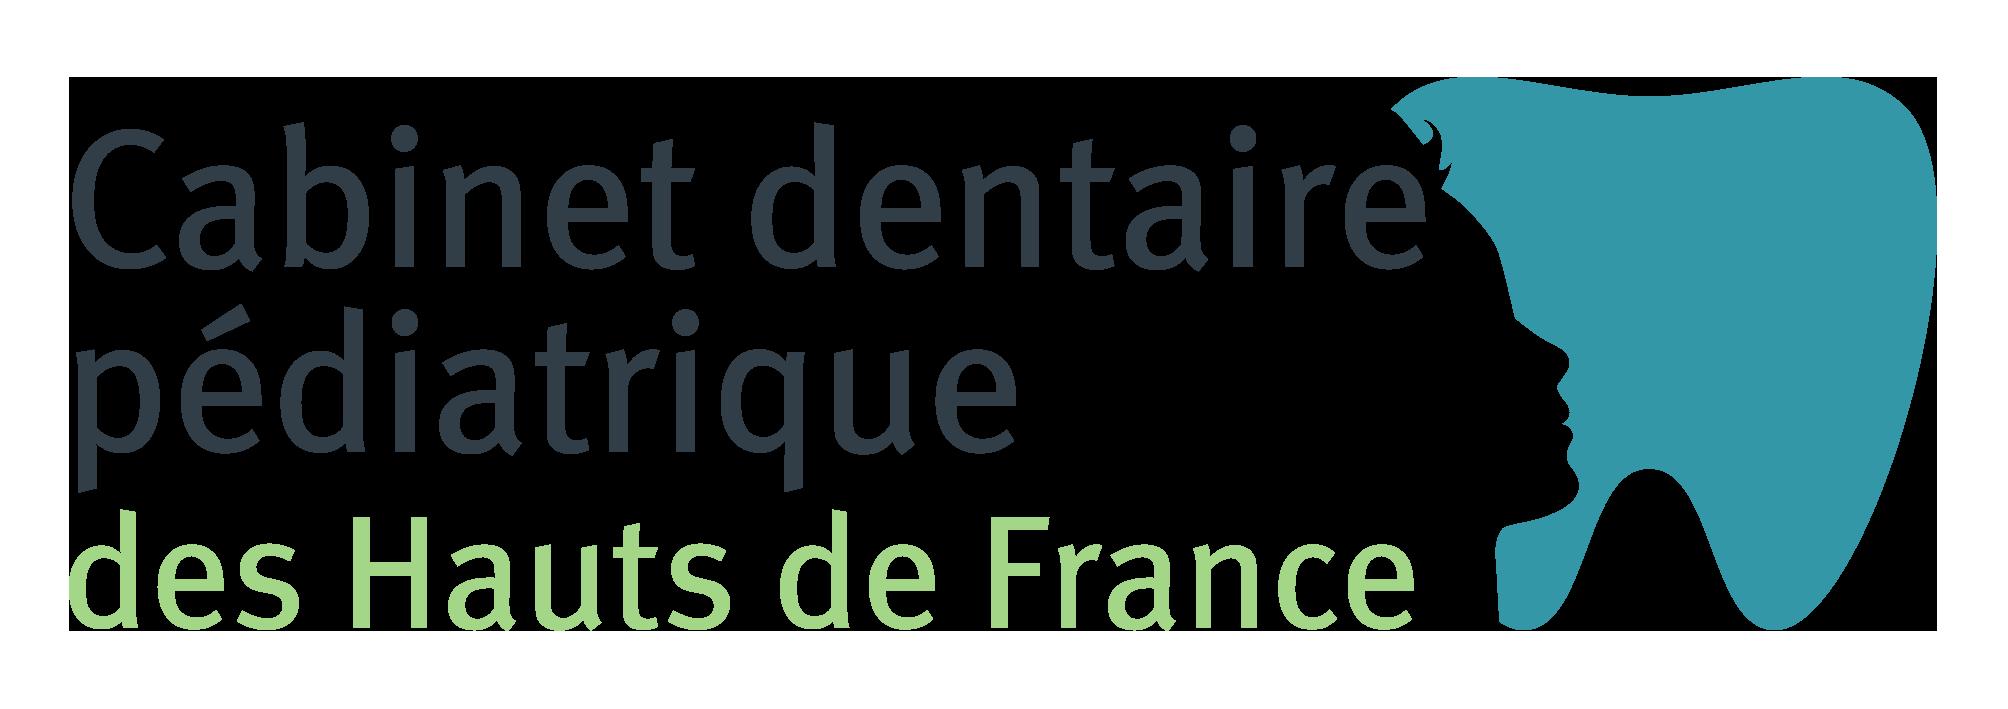 Cabinet dentaire pédiatrique des Hauts de France